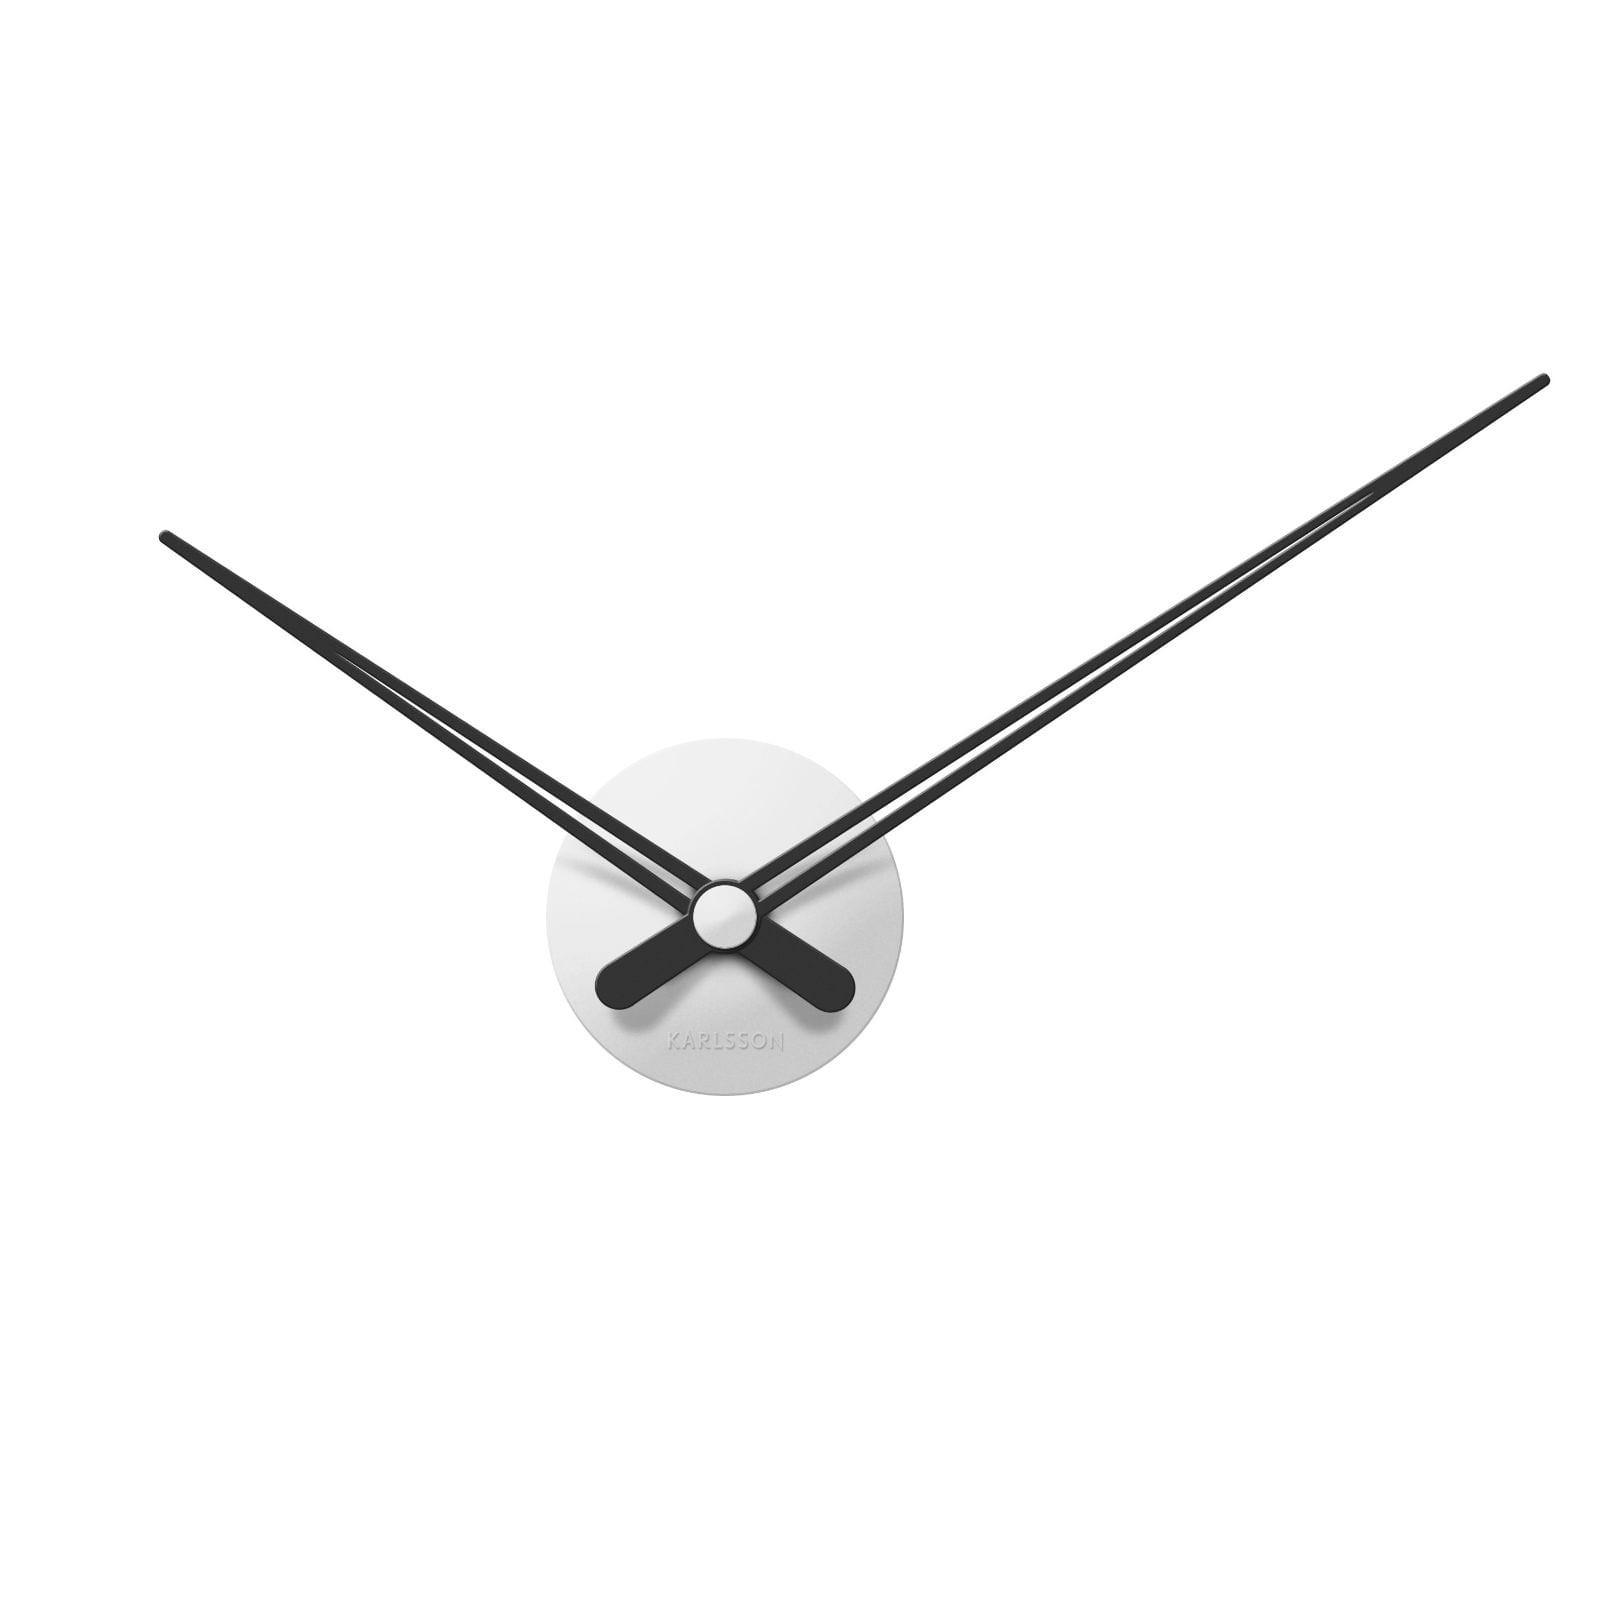 Ρολόι Τοίχου LBT Mini Sharp (Λευκό) - Karlsson